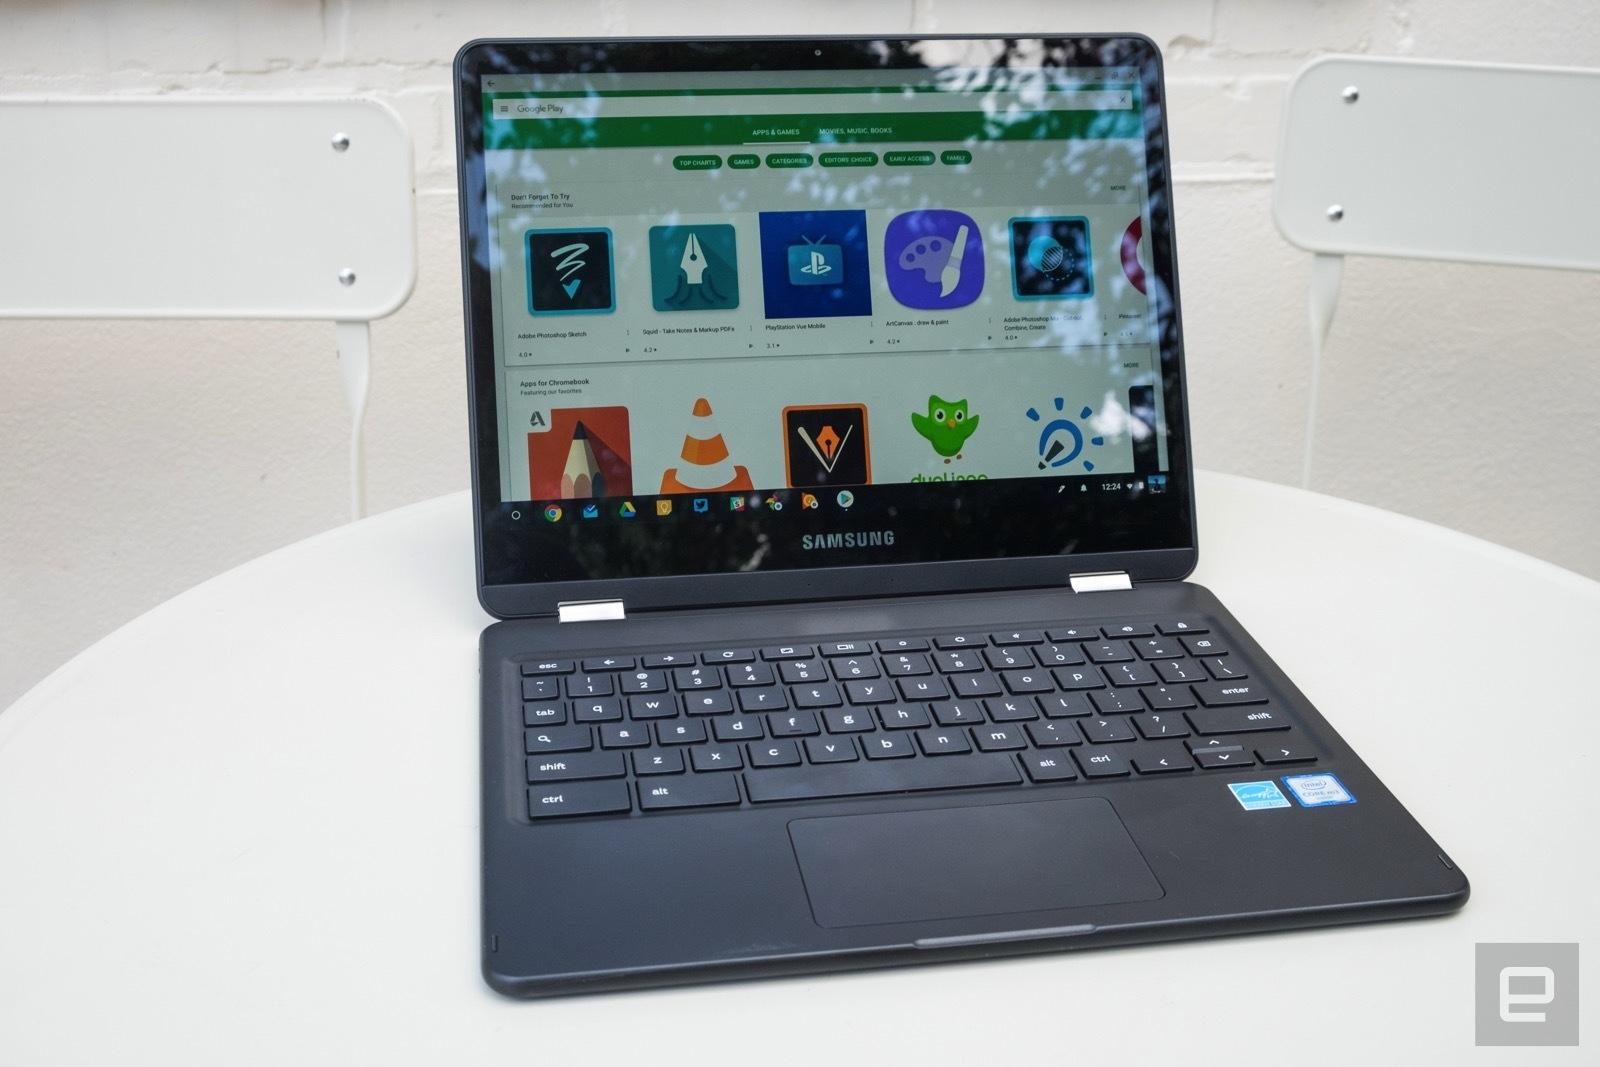 Microsoft Office ahora está disponible para todos los Chromebooks. Hasta ahora, las aplicaciones de productividad de Android solo funcionaban en ciertos Chromebooks.